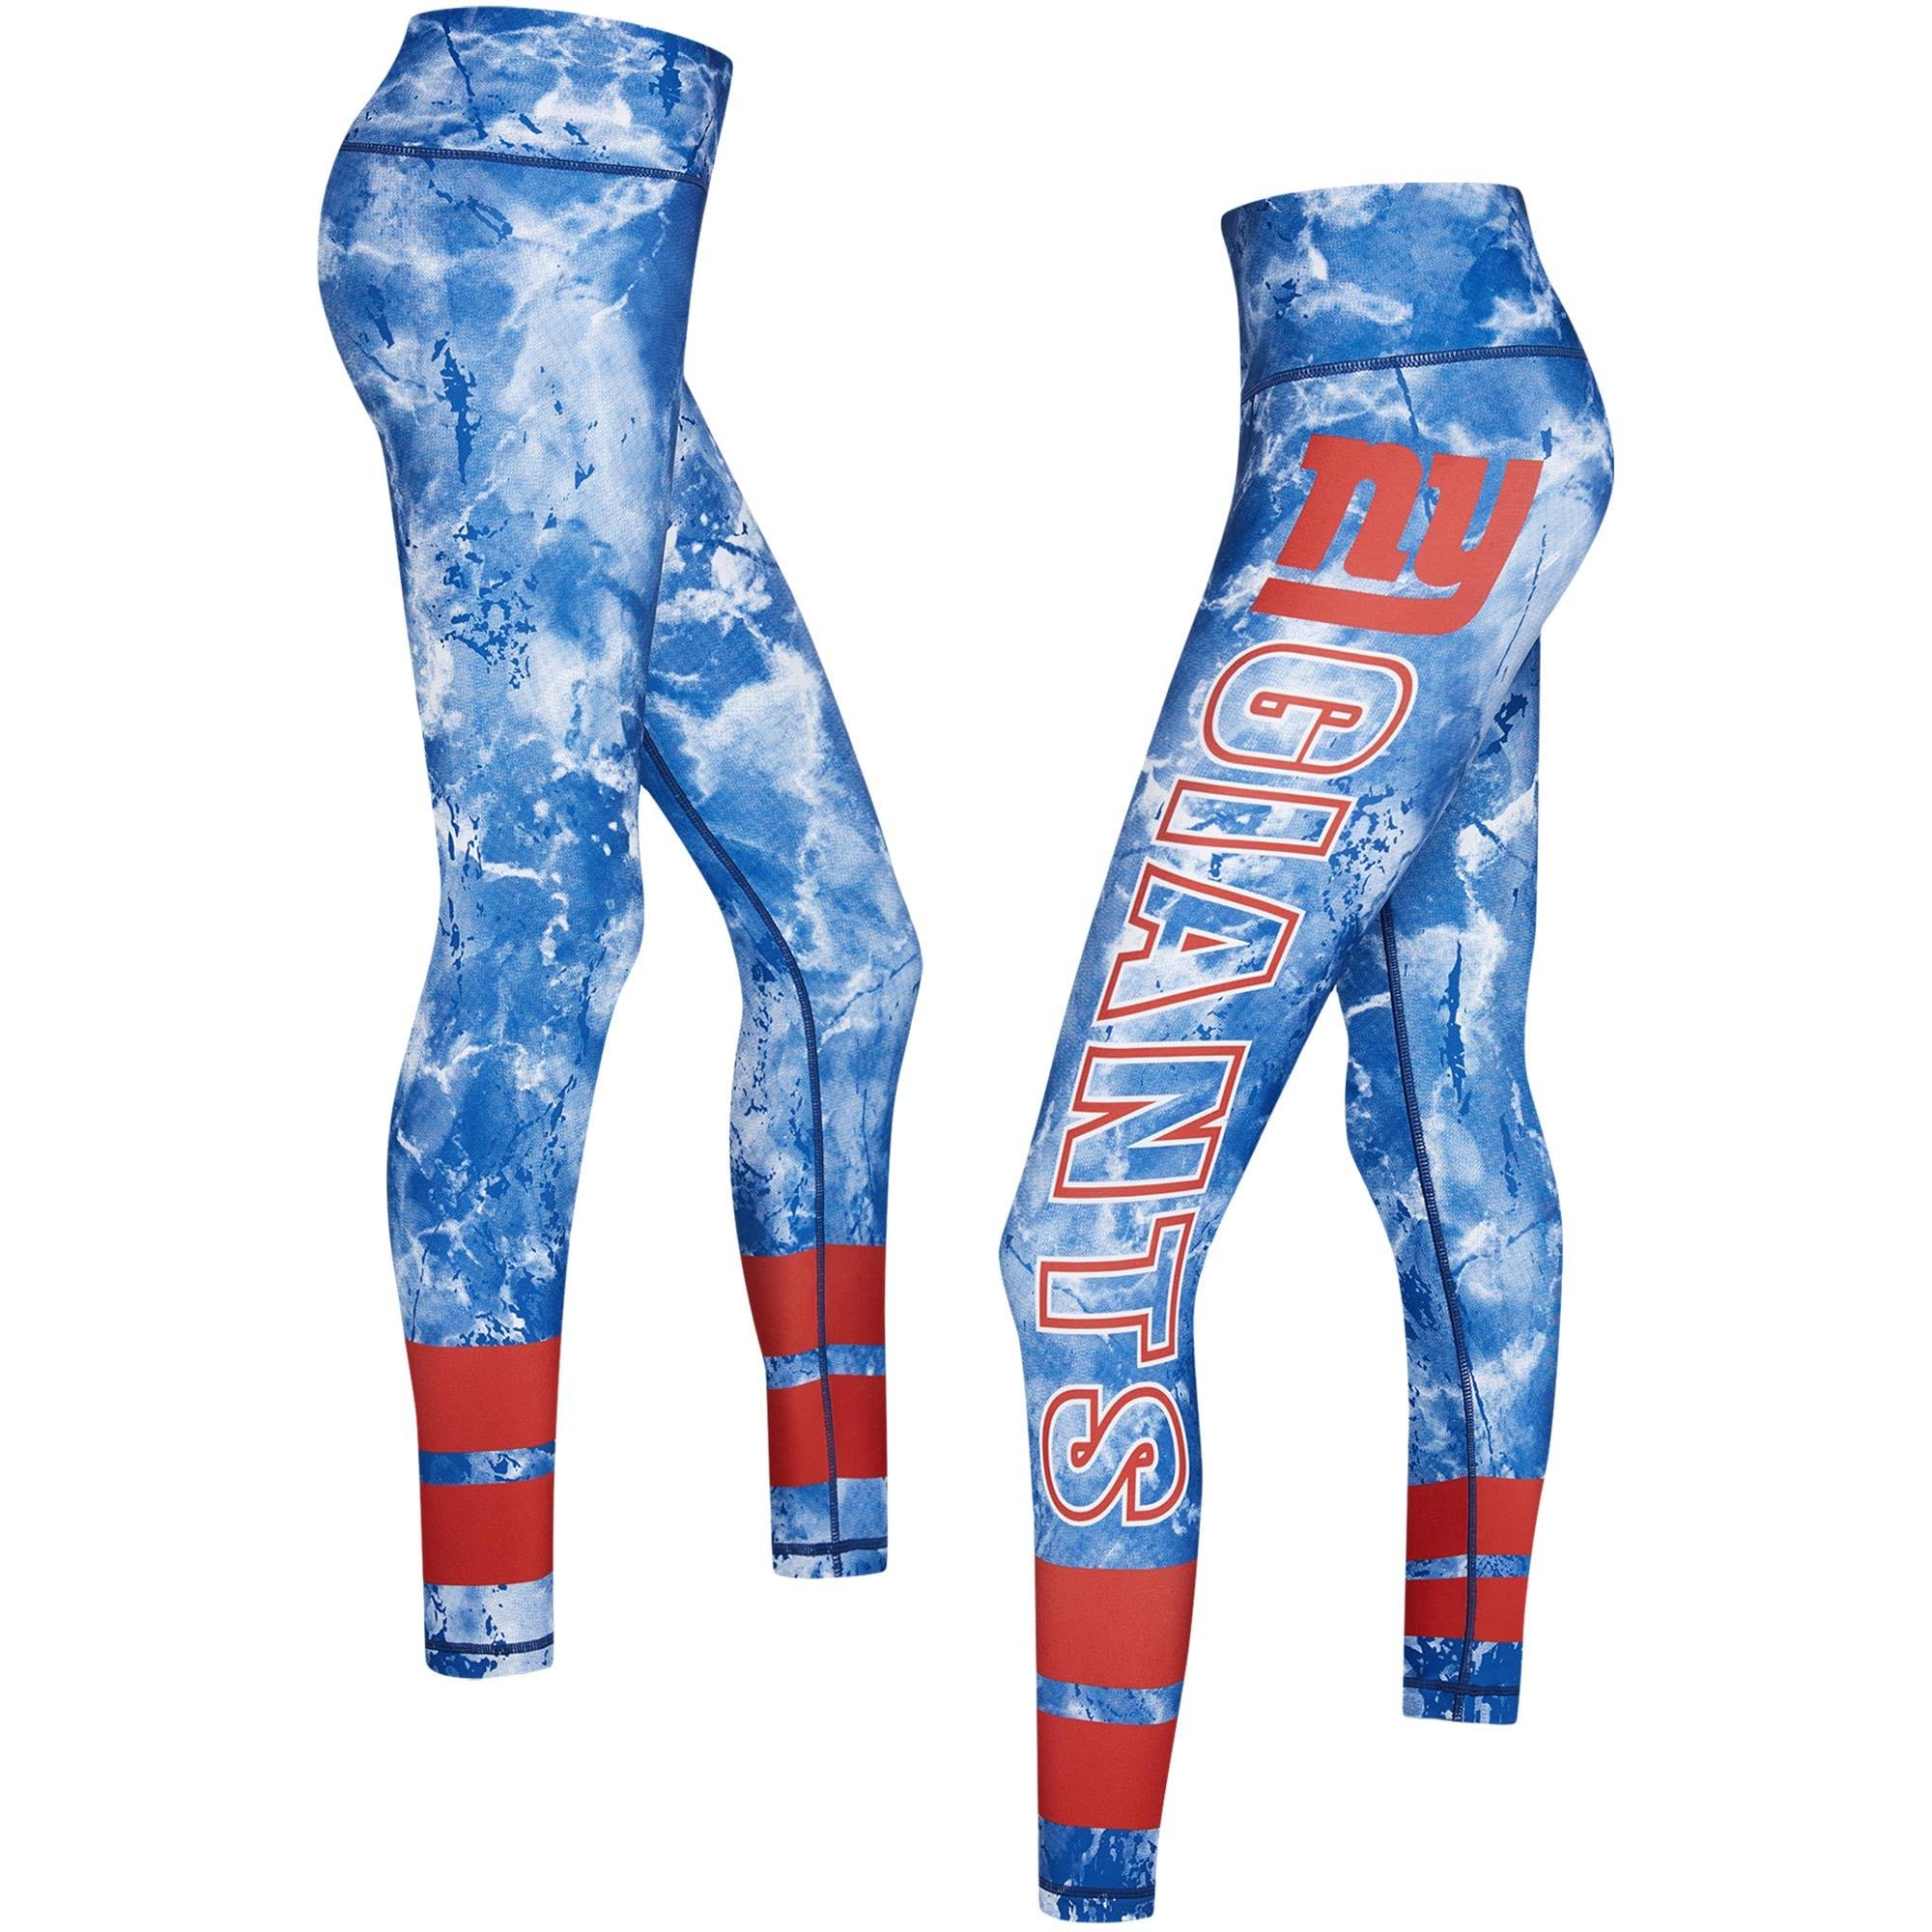 New York Giants Concepts Sport Women's Dormer Knit Leggings - Royal/Red